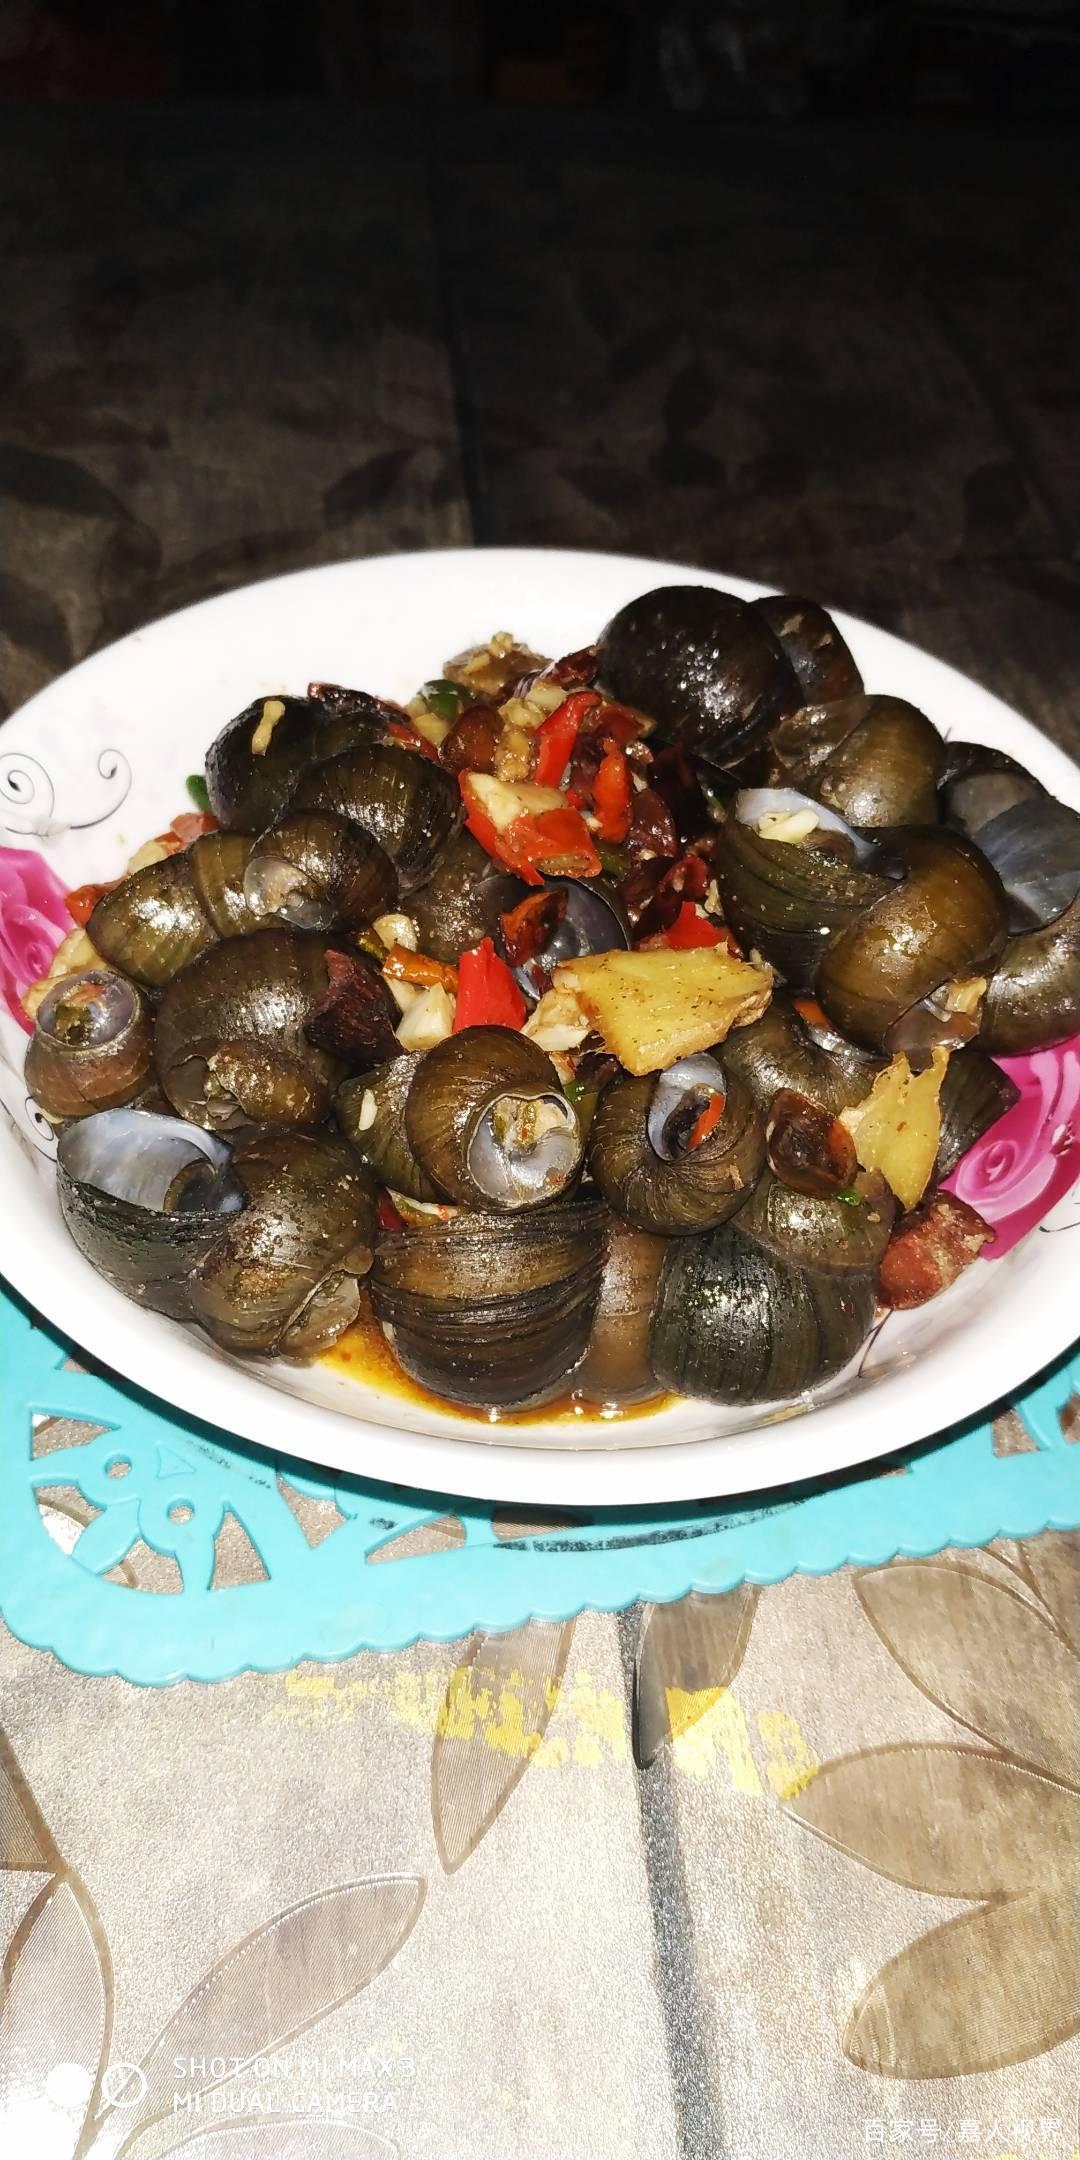 美食菜谱之,家常菜中田螺的做法精选